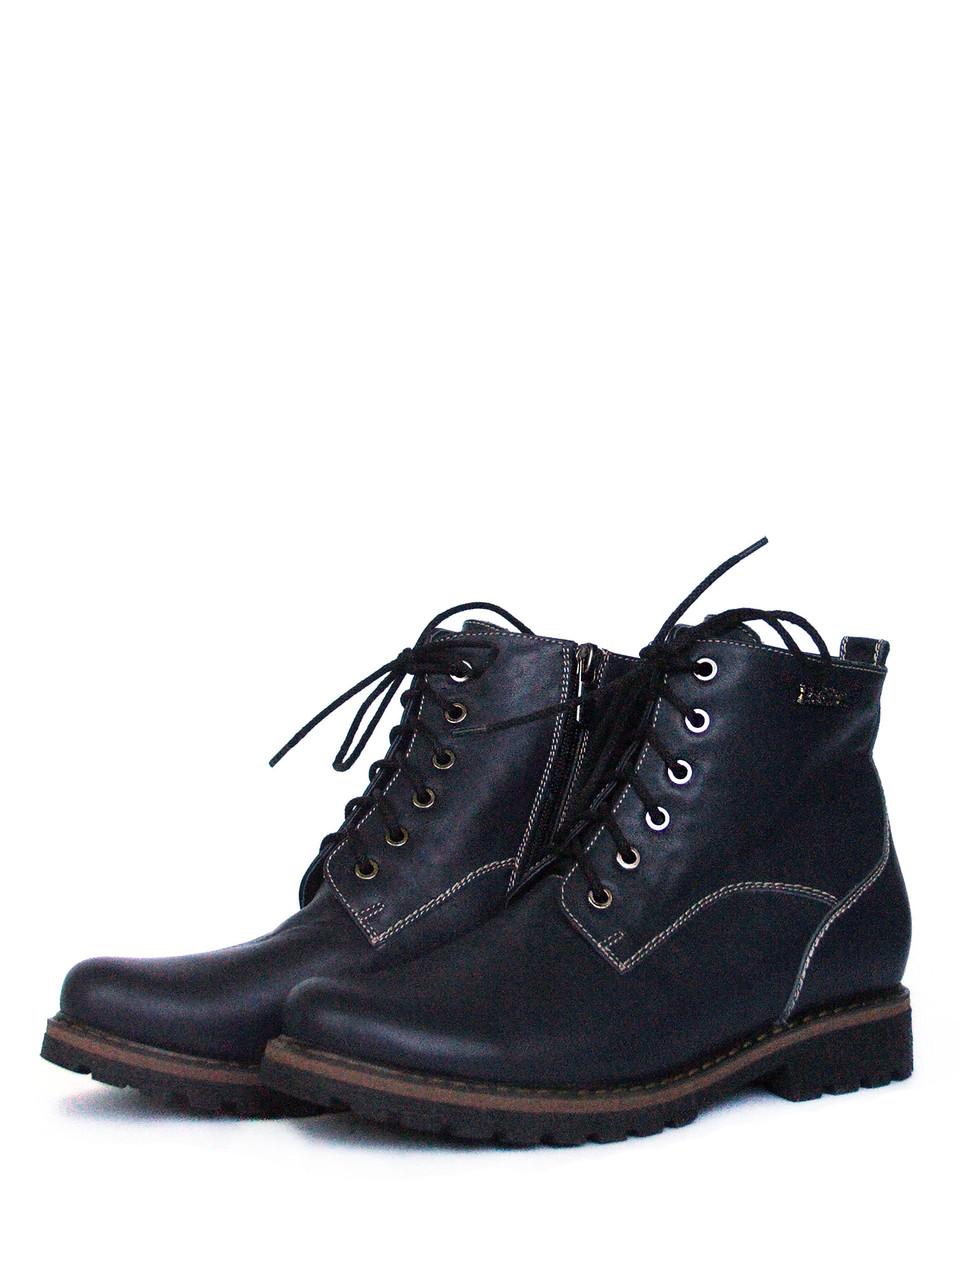 Осенние ботинки на шнуровке женские